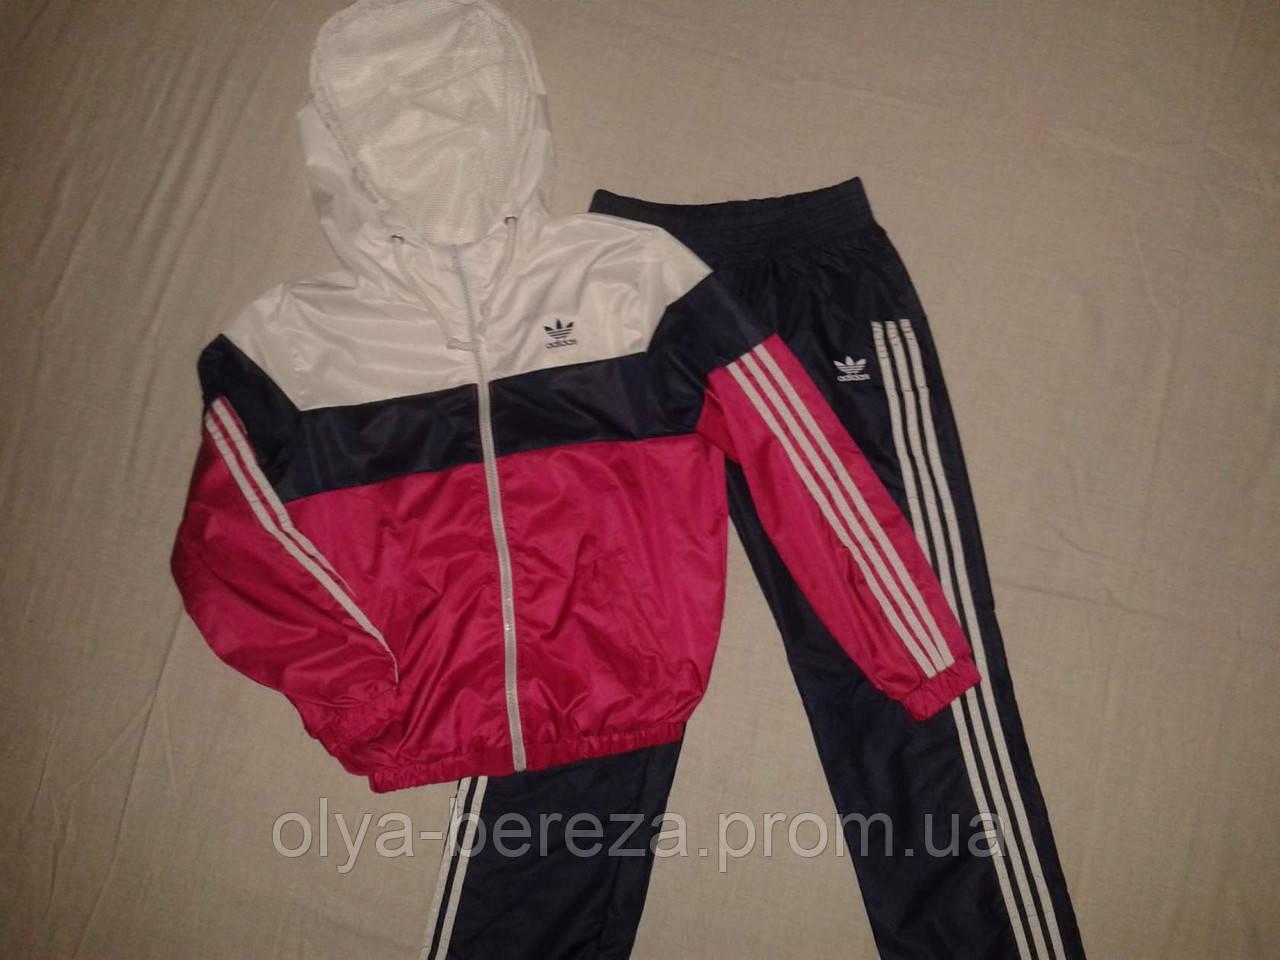 Спортивные костюмы из плащевки женские доставка